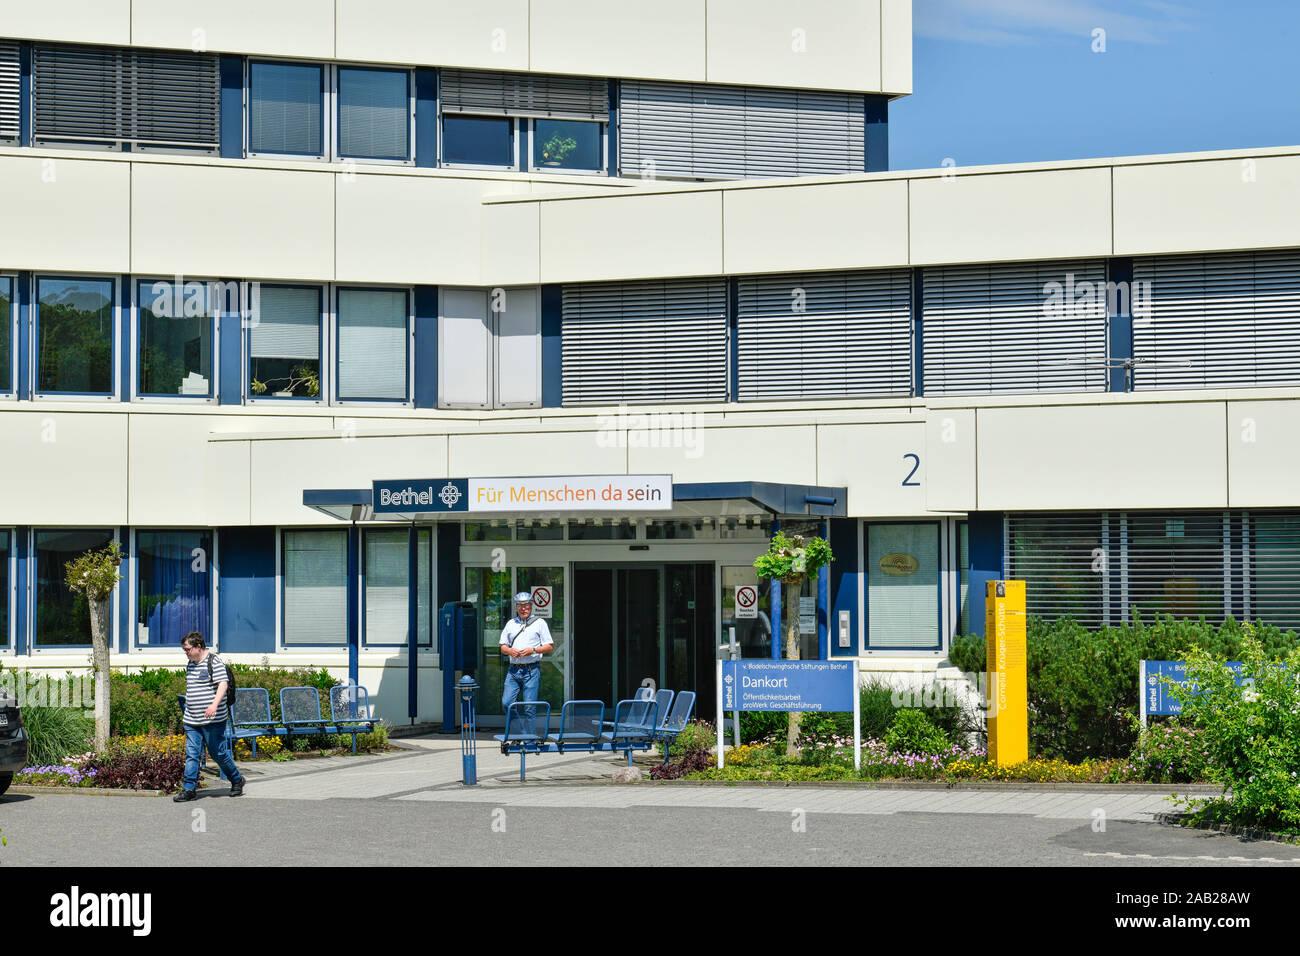 Dankort, ProWerk, Von Bodelschwinghsche Stiftungen Bethel, Bielefeld, Nordrhein-Westfalen, Deutschland Stock Photo